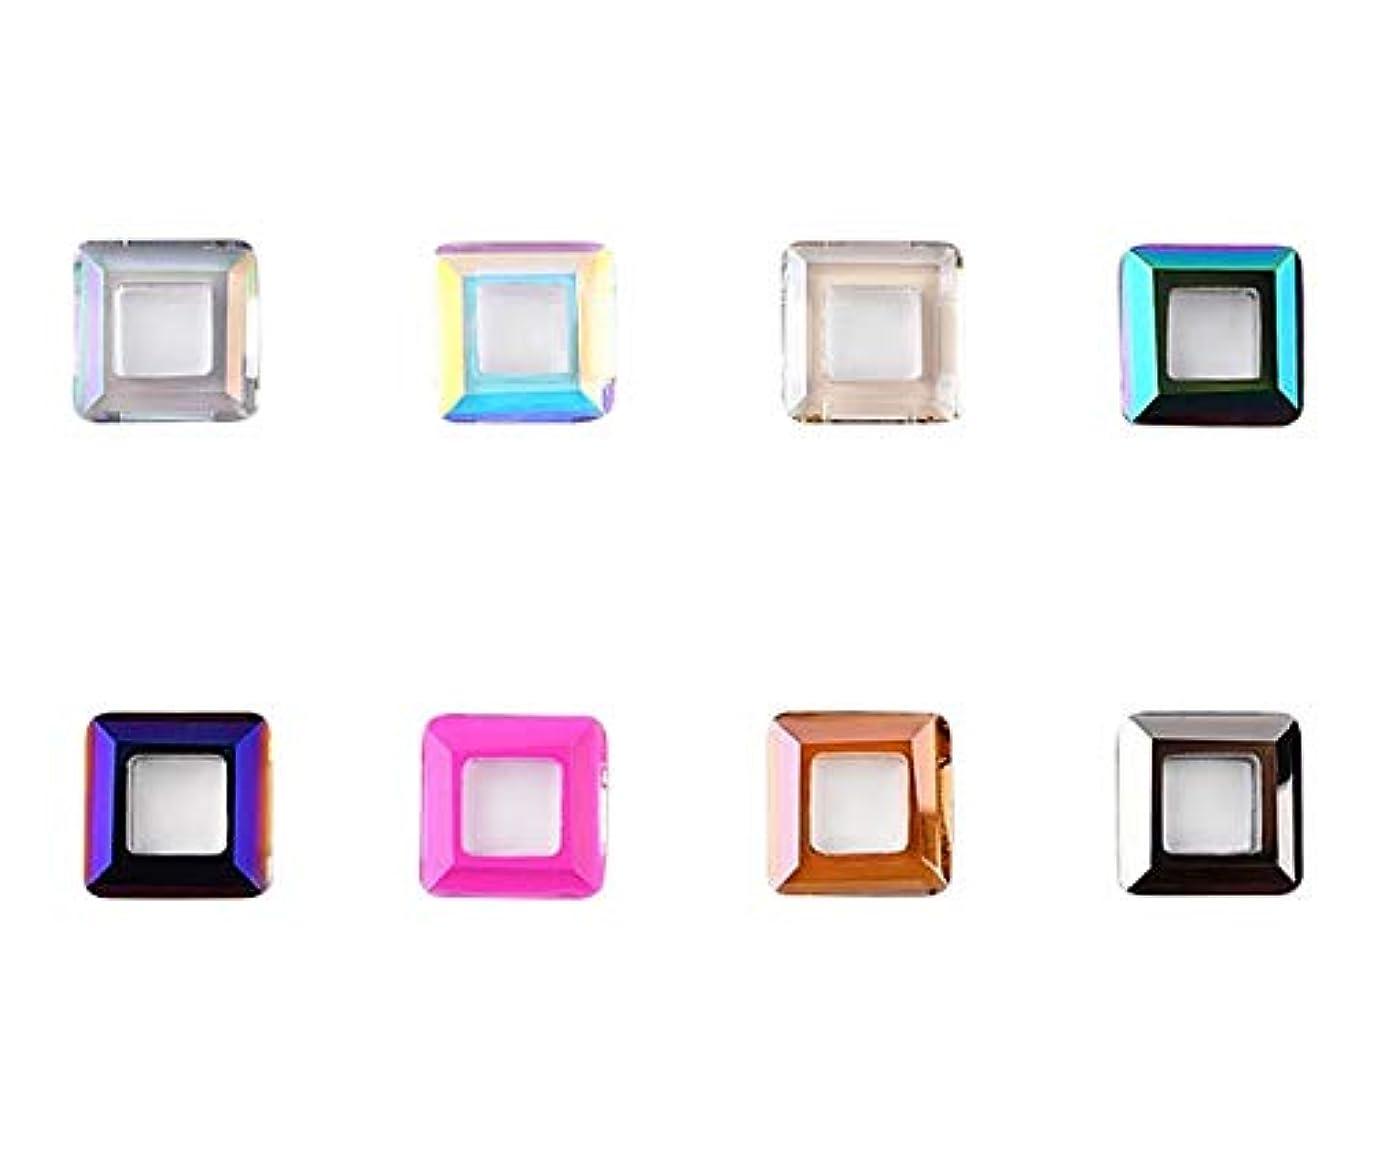 パラメータ暴行反応するTianmey ネイルアートクラフト用ガラスクリスタルラインストーン、クリスタル3Dデコレーションフラットバック?ストーンズ宝石広場